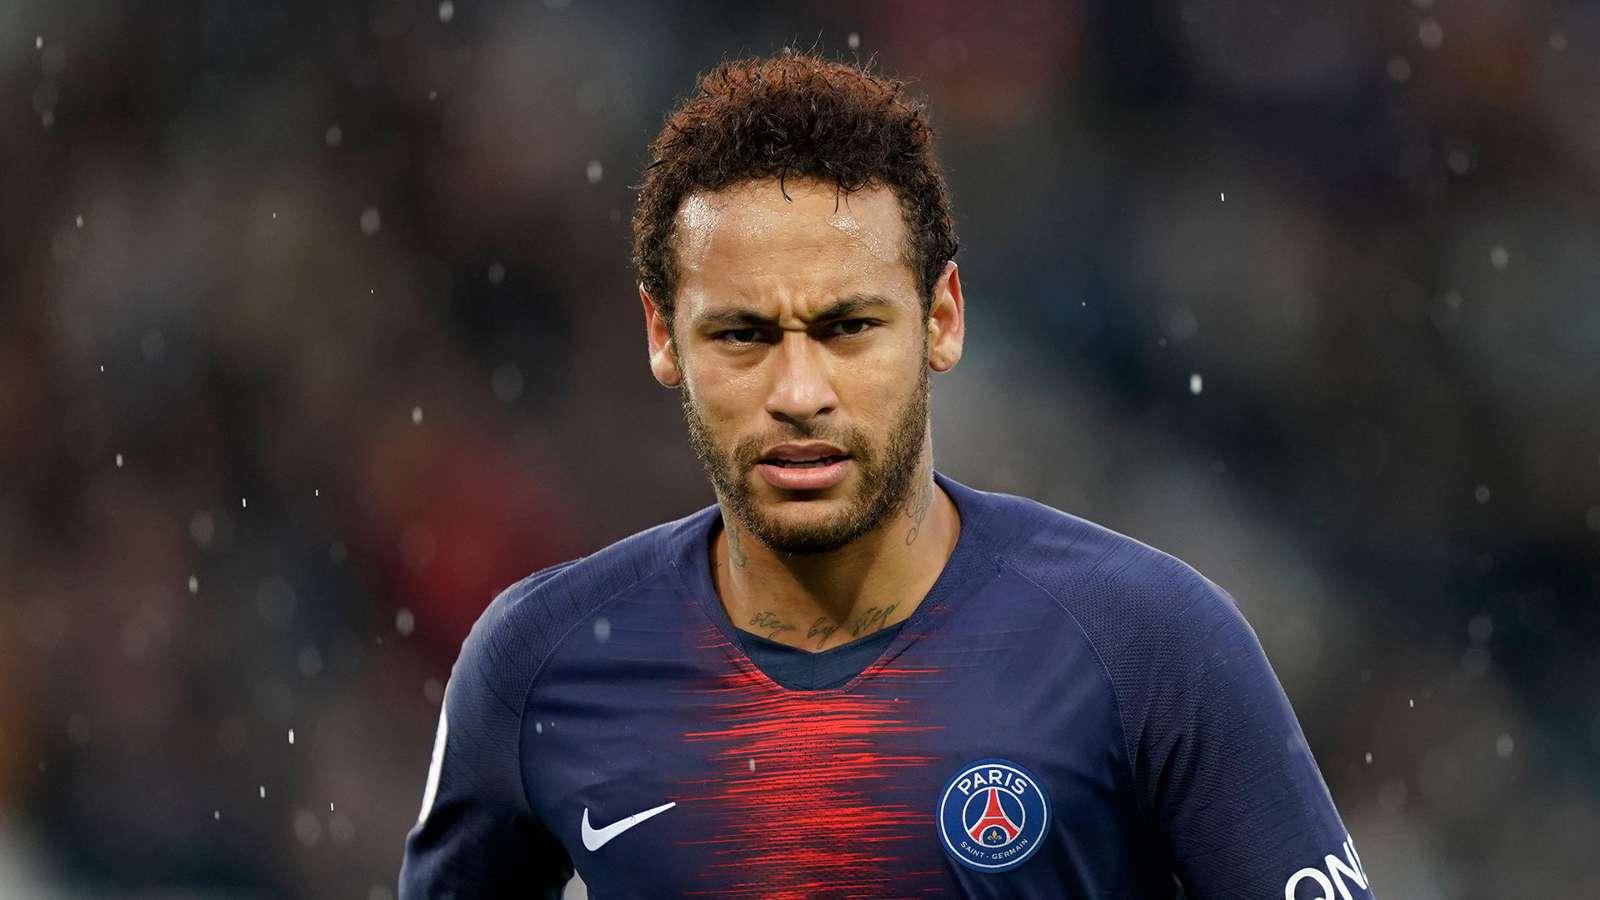 PSG-Barcelona, rriten tensionet për shkak të Neymar